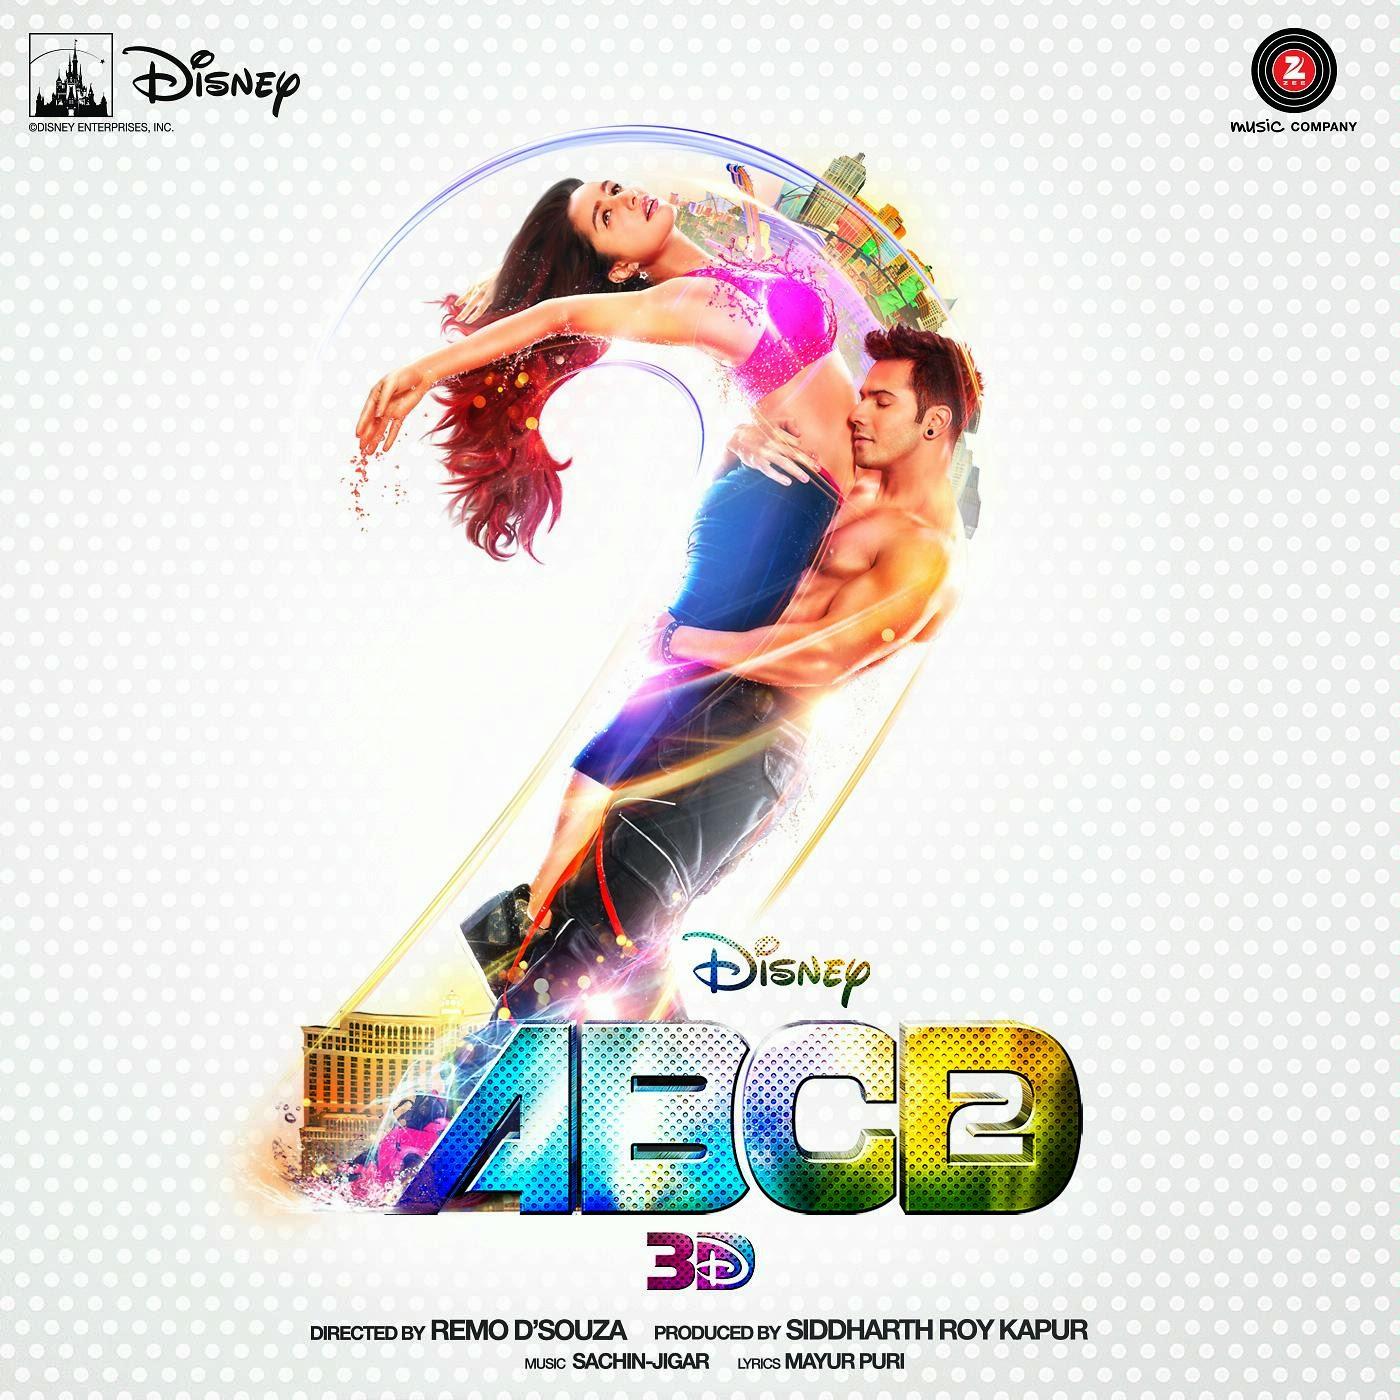 Nào Ta Cùng Nhảy 2 - Any Body Can Dance 2